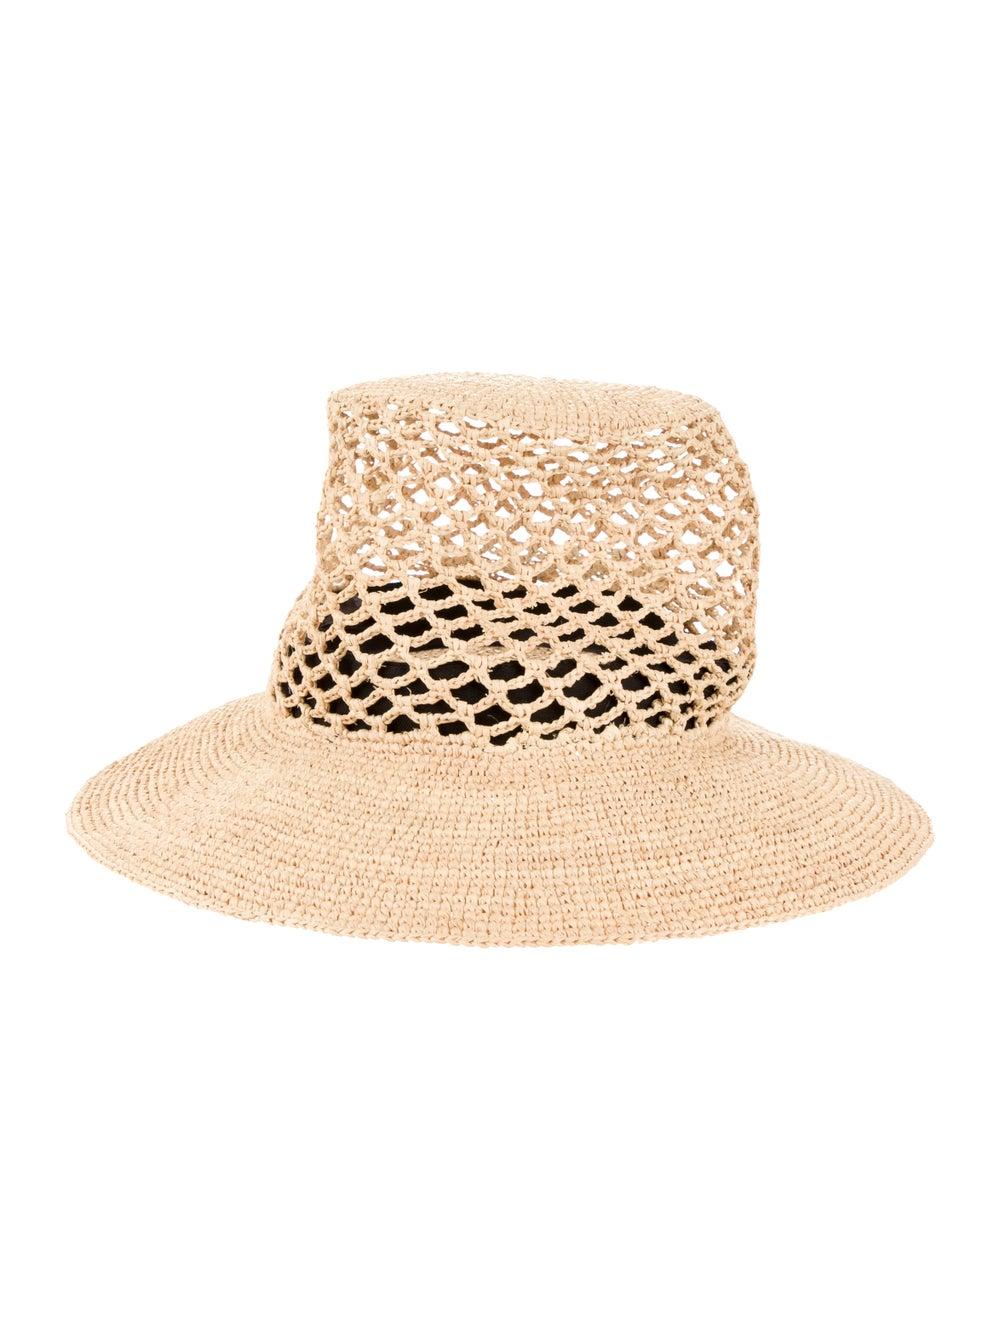 Janessa Leone Straw Wide Brimmed Hat Brown - image 1